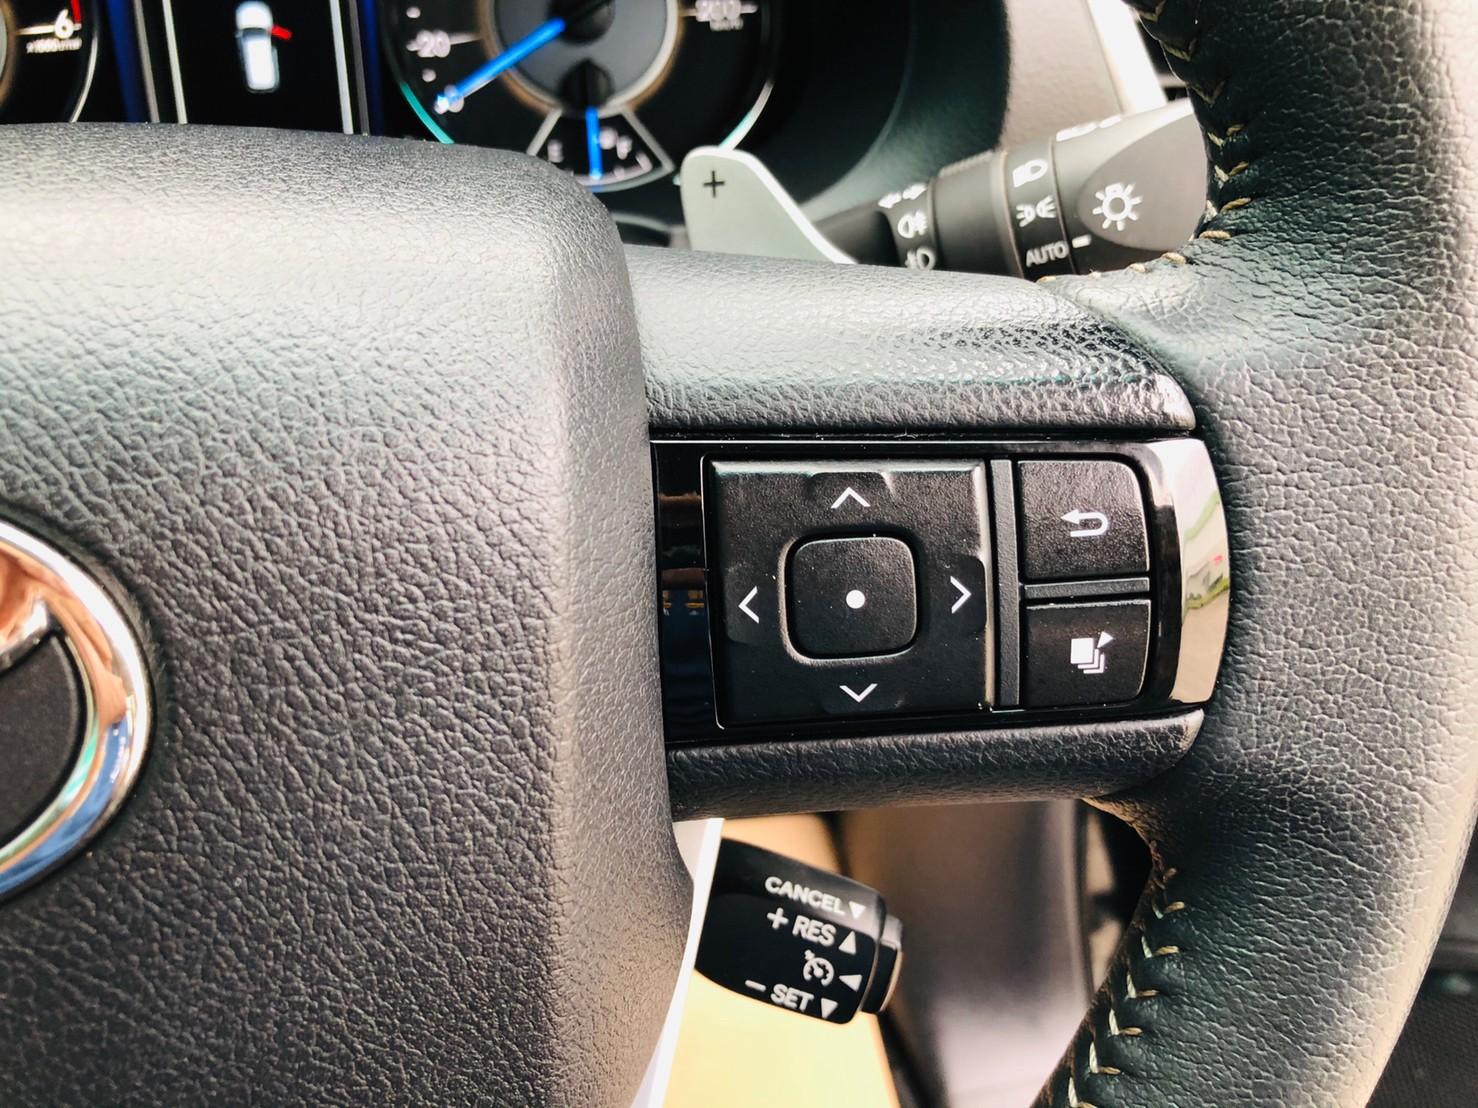 ภาพฟังชั่นพวงมาลัย โตโยต้า ฟอร์จูนเนอร์ 2.4 V 4WD ปี 2018